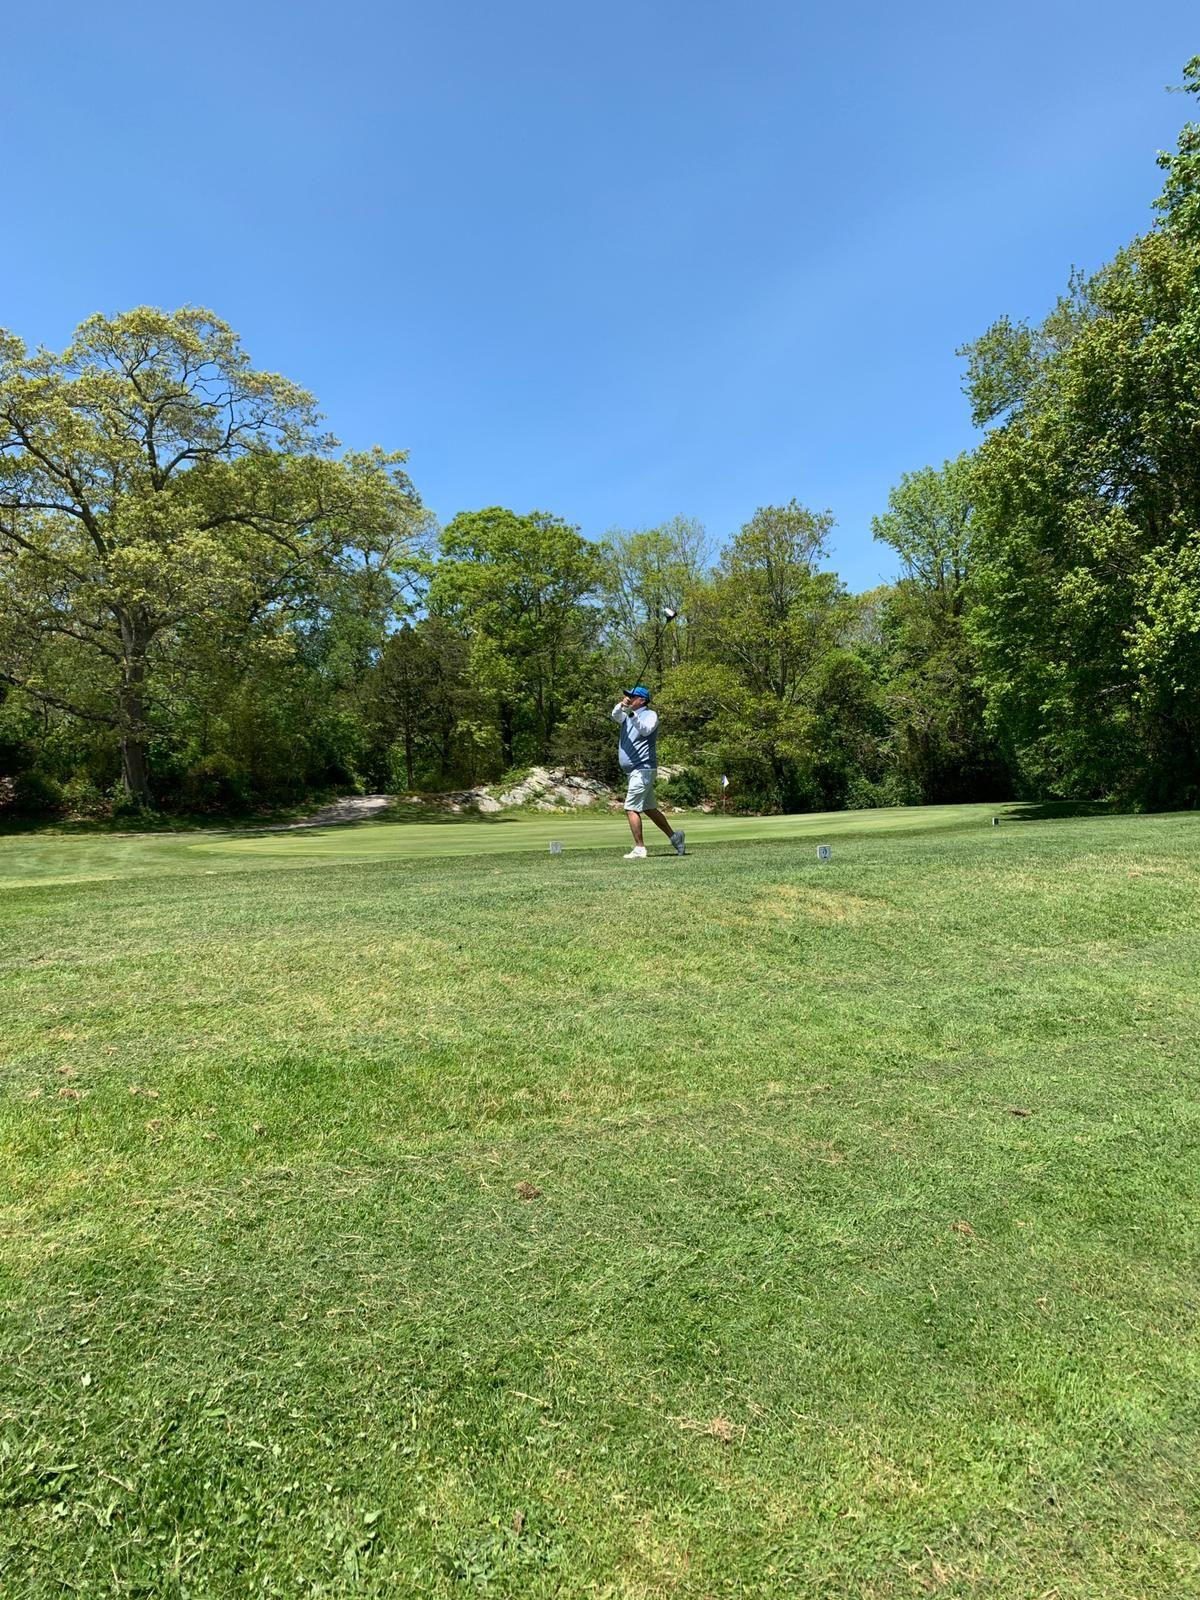 Touisset golf course Swansea Massachusetts   Pine valley ...